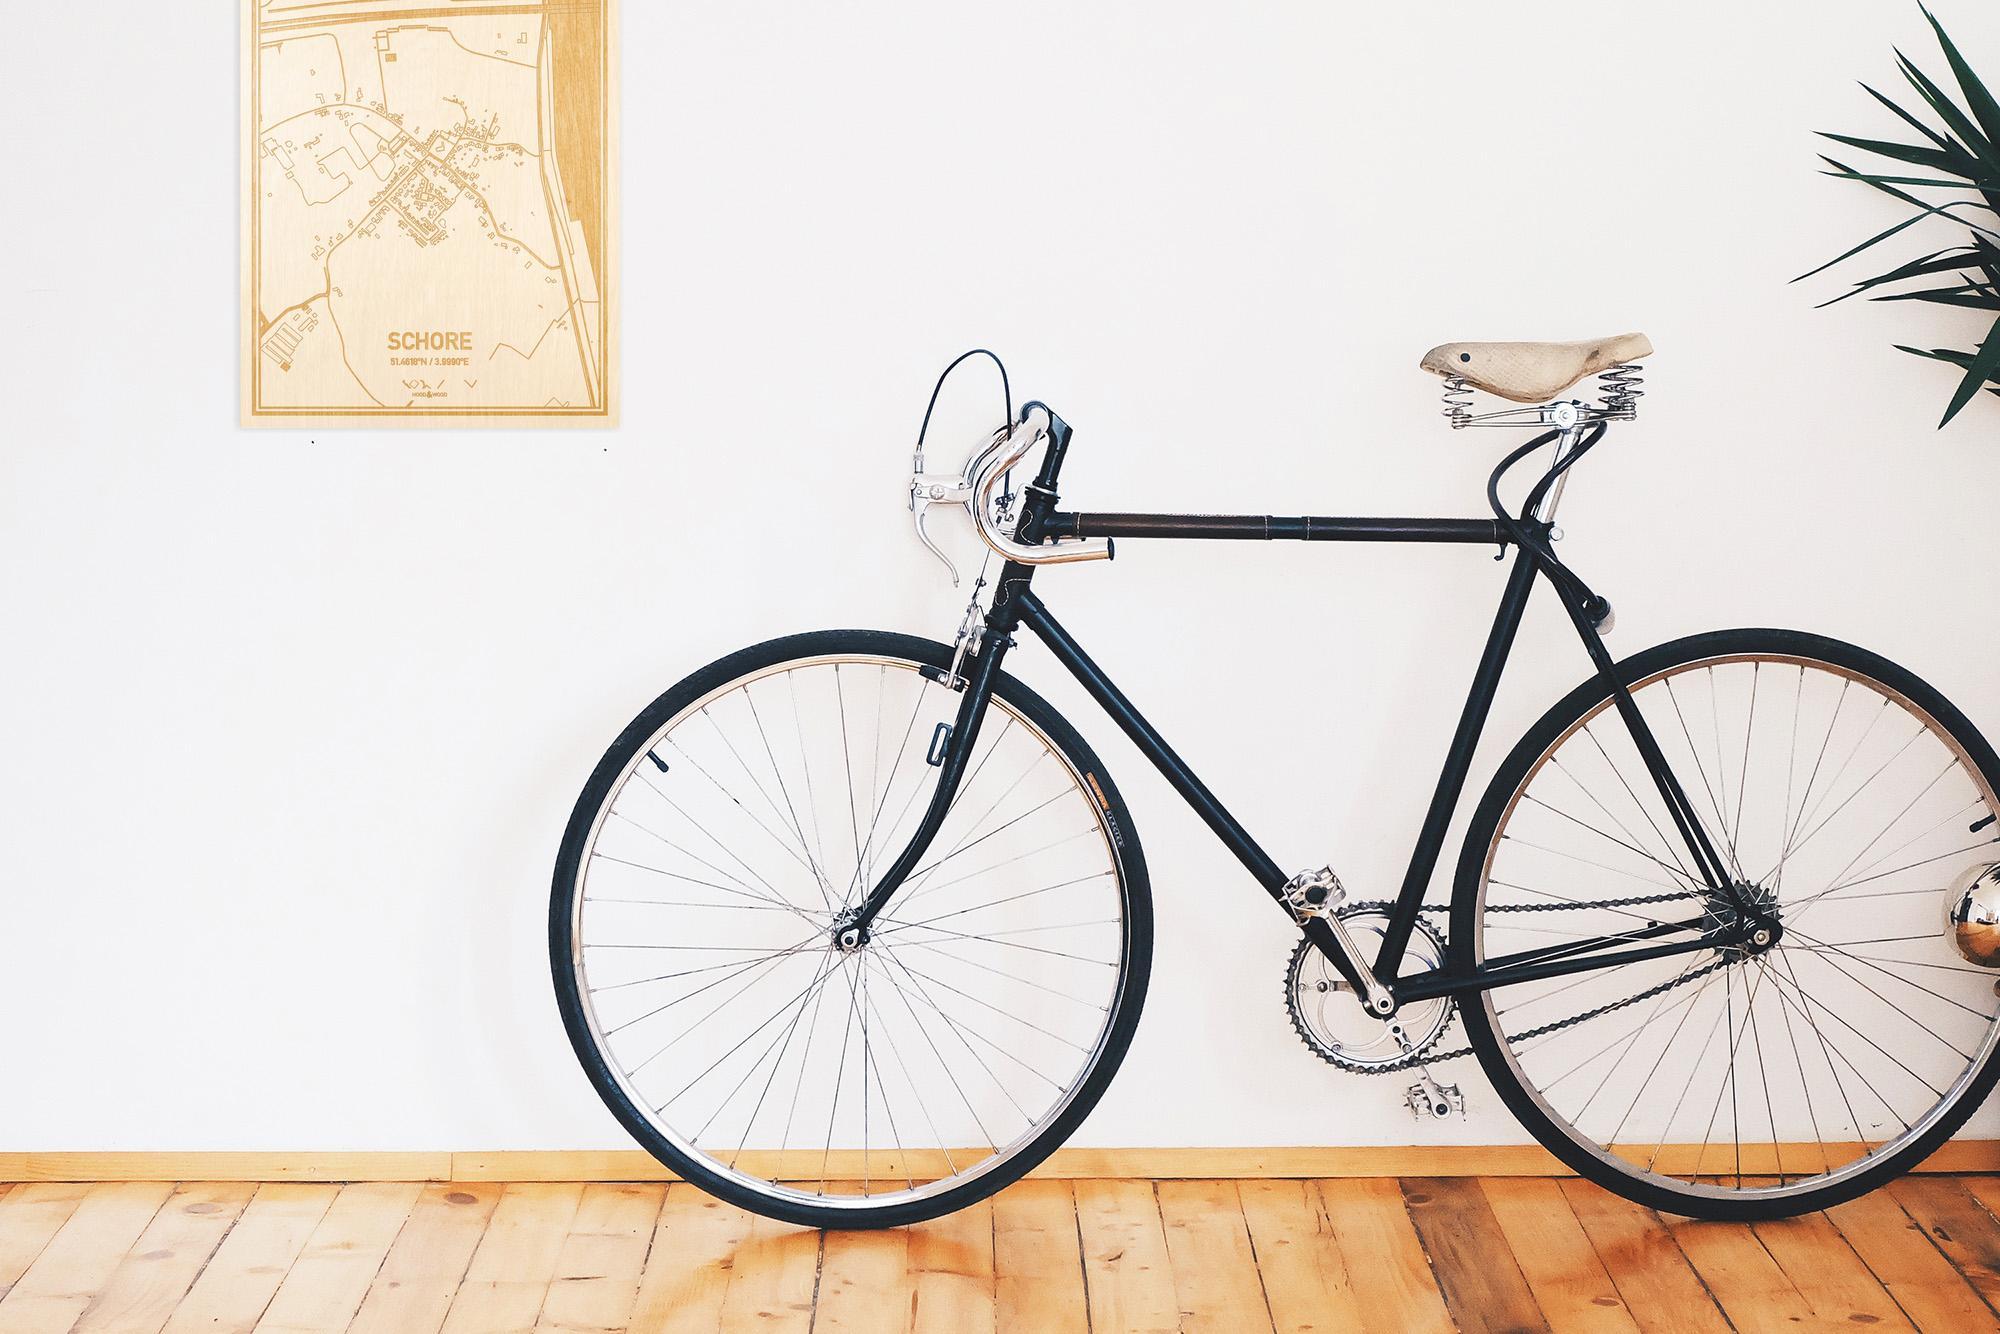 Een snelle fiets in een uniek interieur in Zeeland met mooie decoratie zoals de plattegrond Schore.